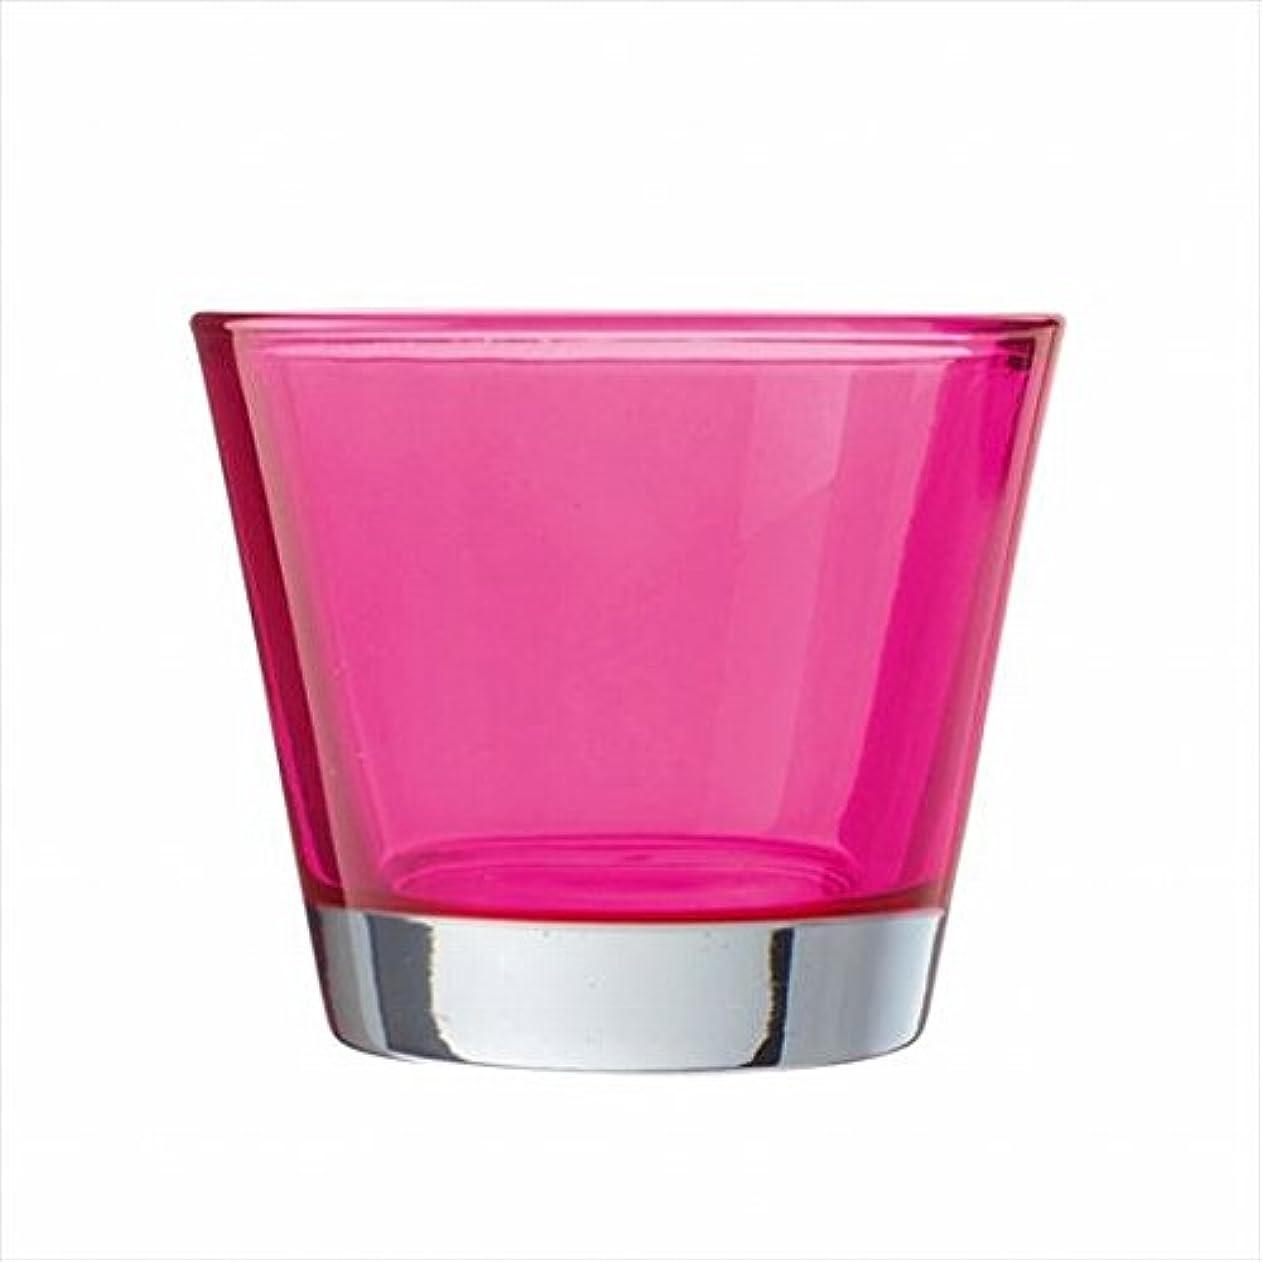 インタビュー方程式登場カメヤマキャンドル( kameyama candle ) カラリス 「 ピンク 」